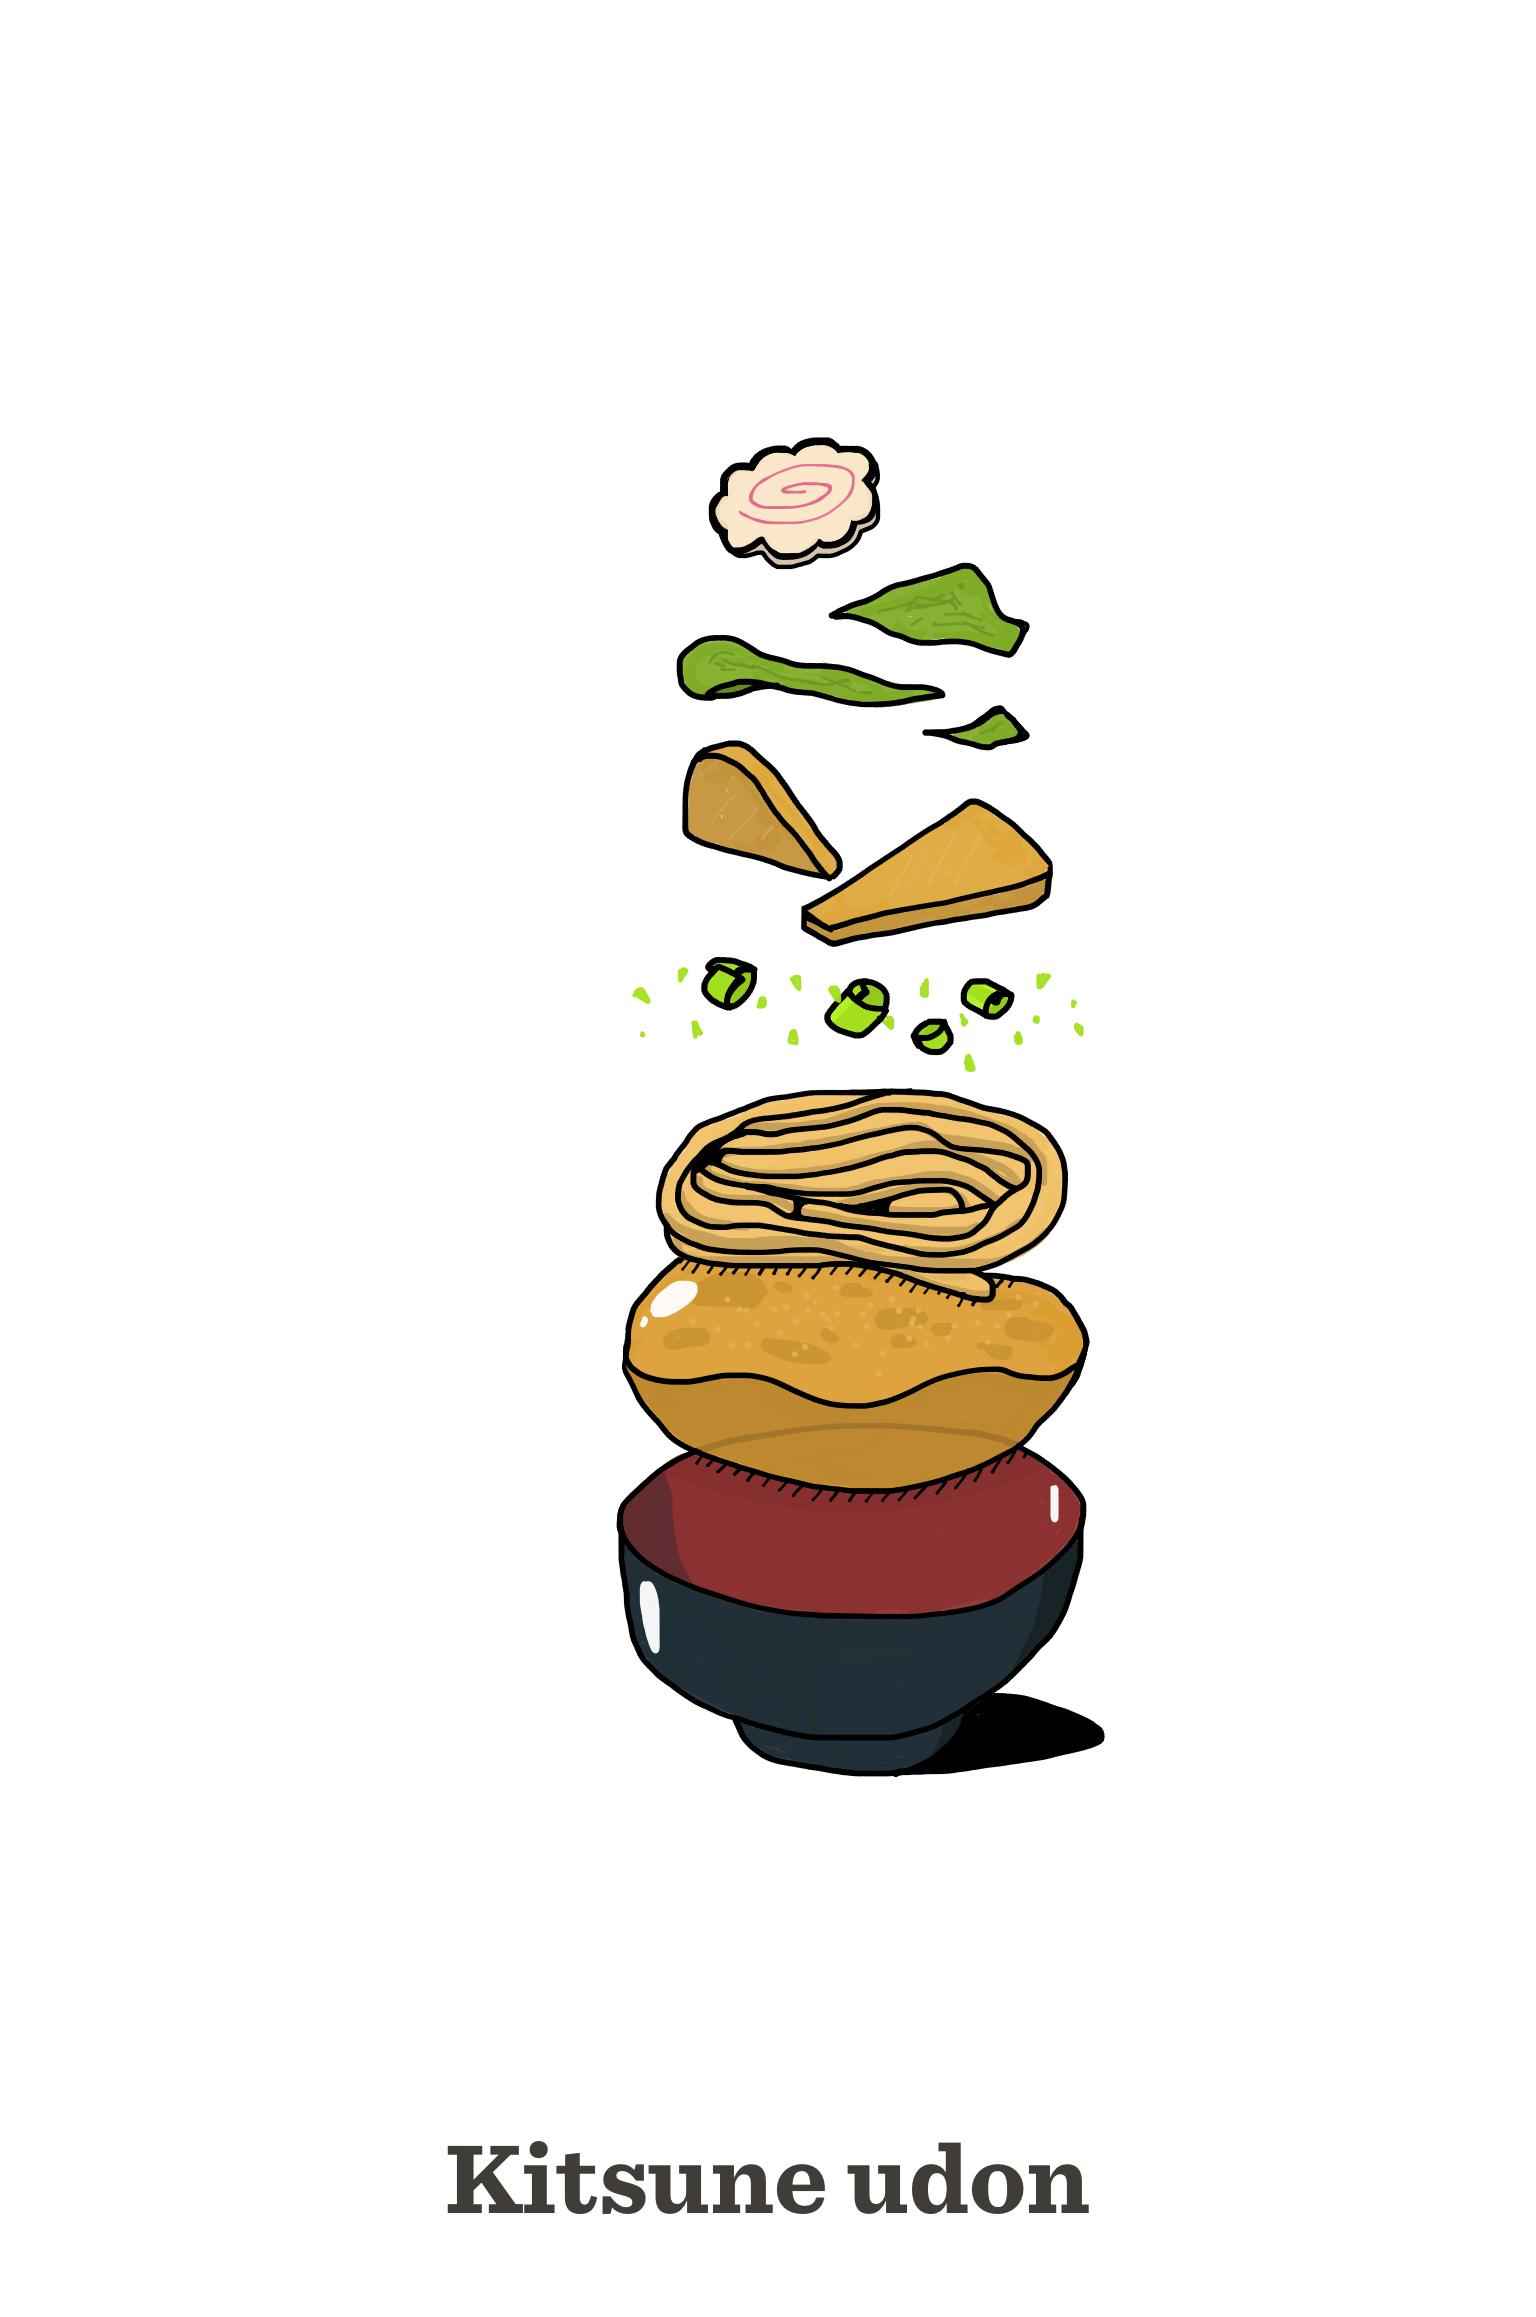 2-kitsune-udon-the-sushi-game